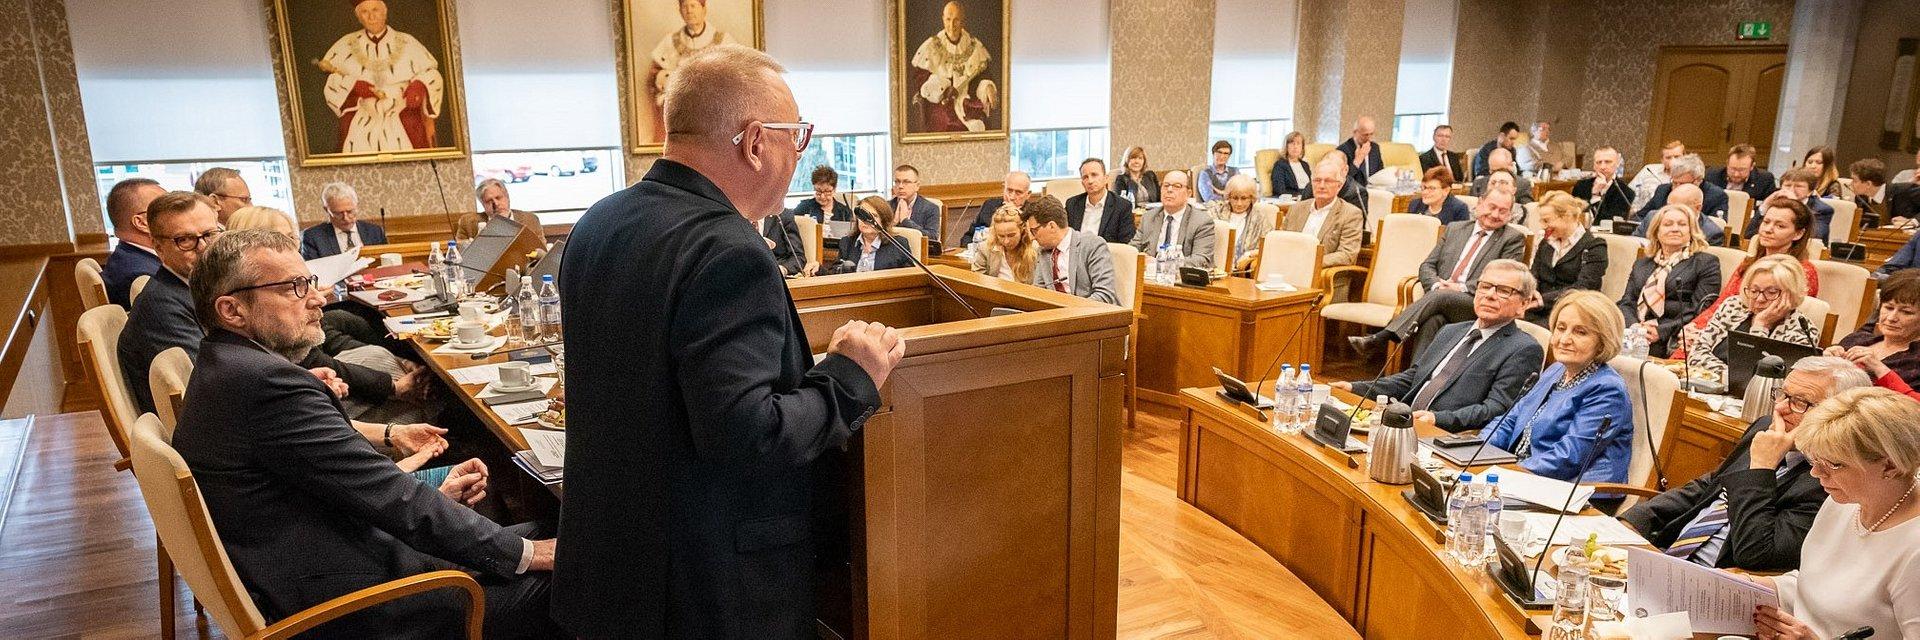 Poparcie dla WOŚP od Senatu Warszawskiego Uniwersytetu Medycznego